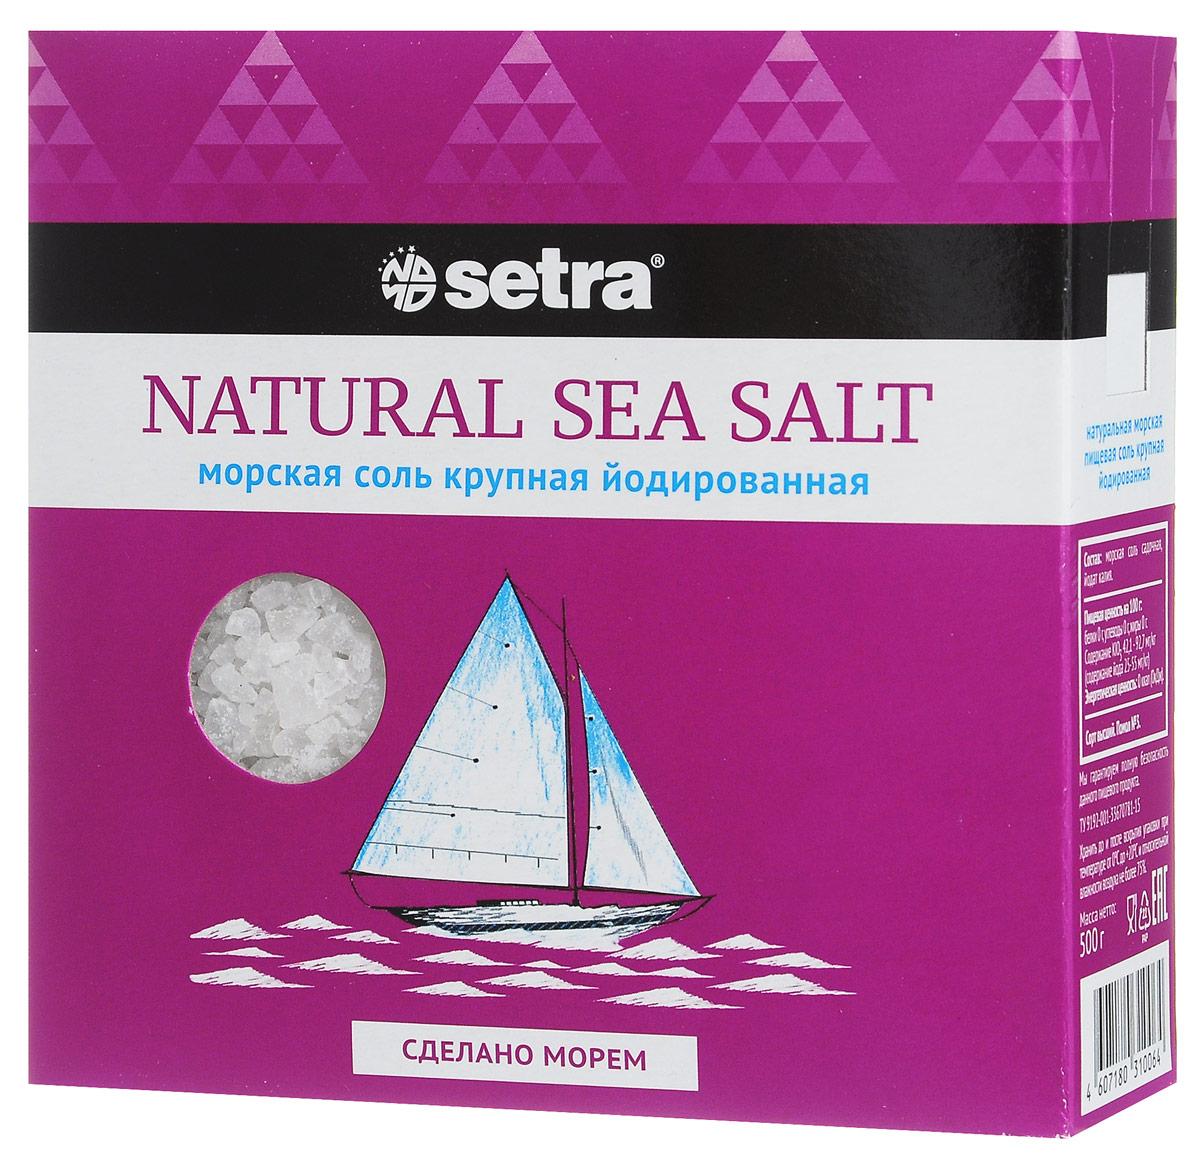 Setra соль морская крупная йодированная, 500 г